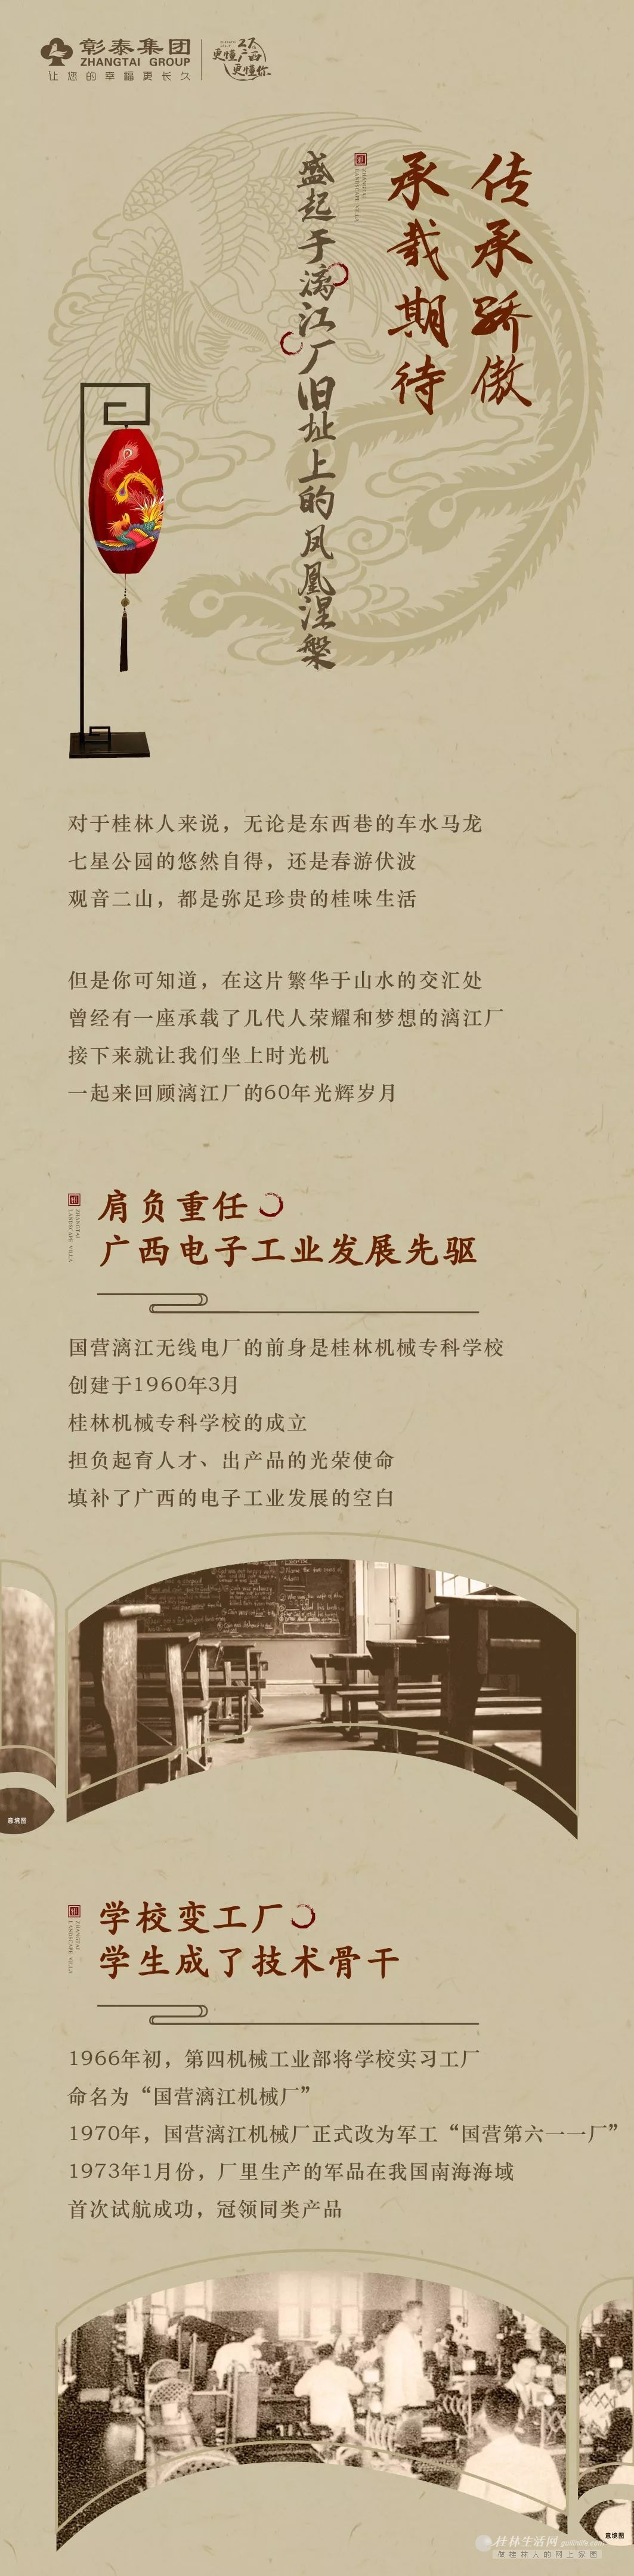 传承骄傲,承载期待|盛起于漓江厂旧址上的凤凰涅槃